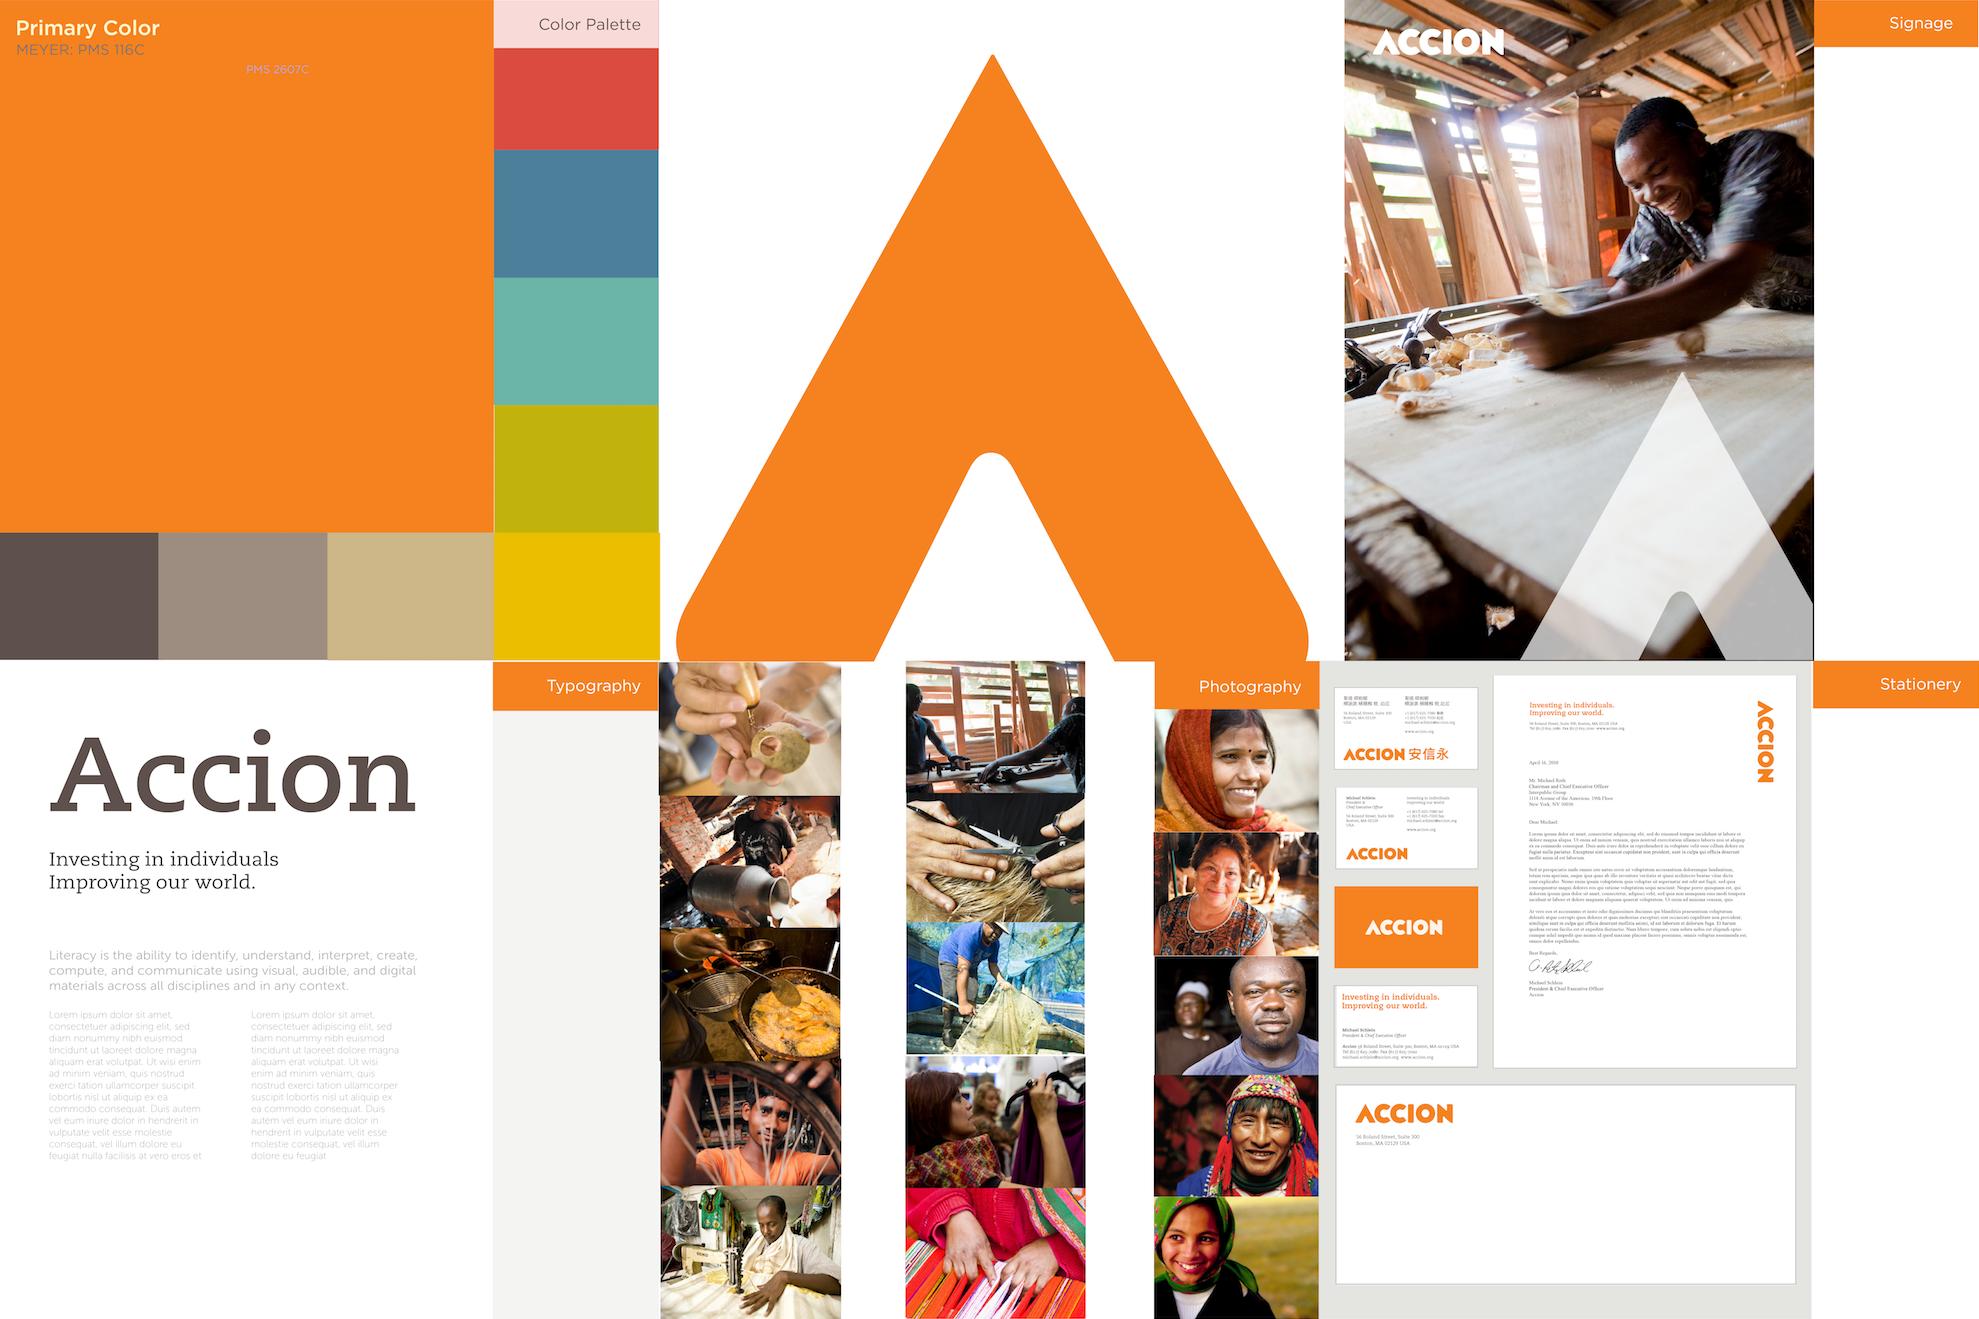 Accion brand guidelines